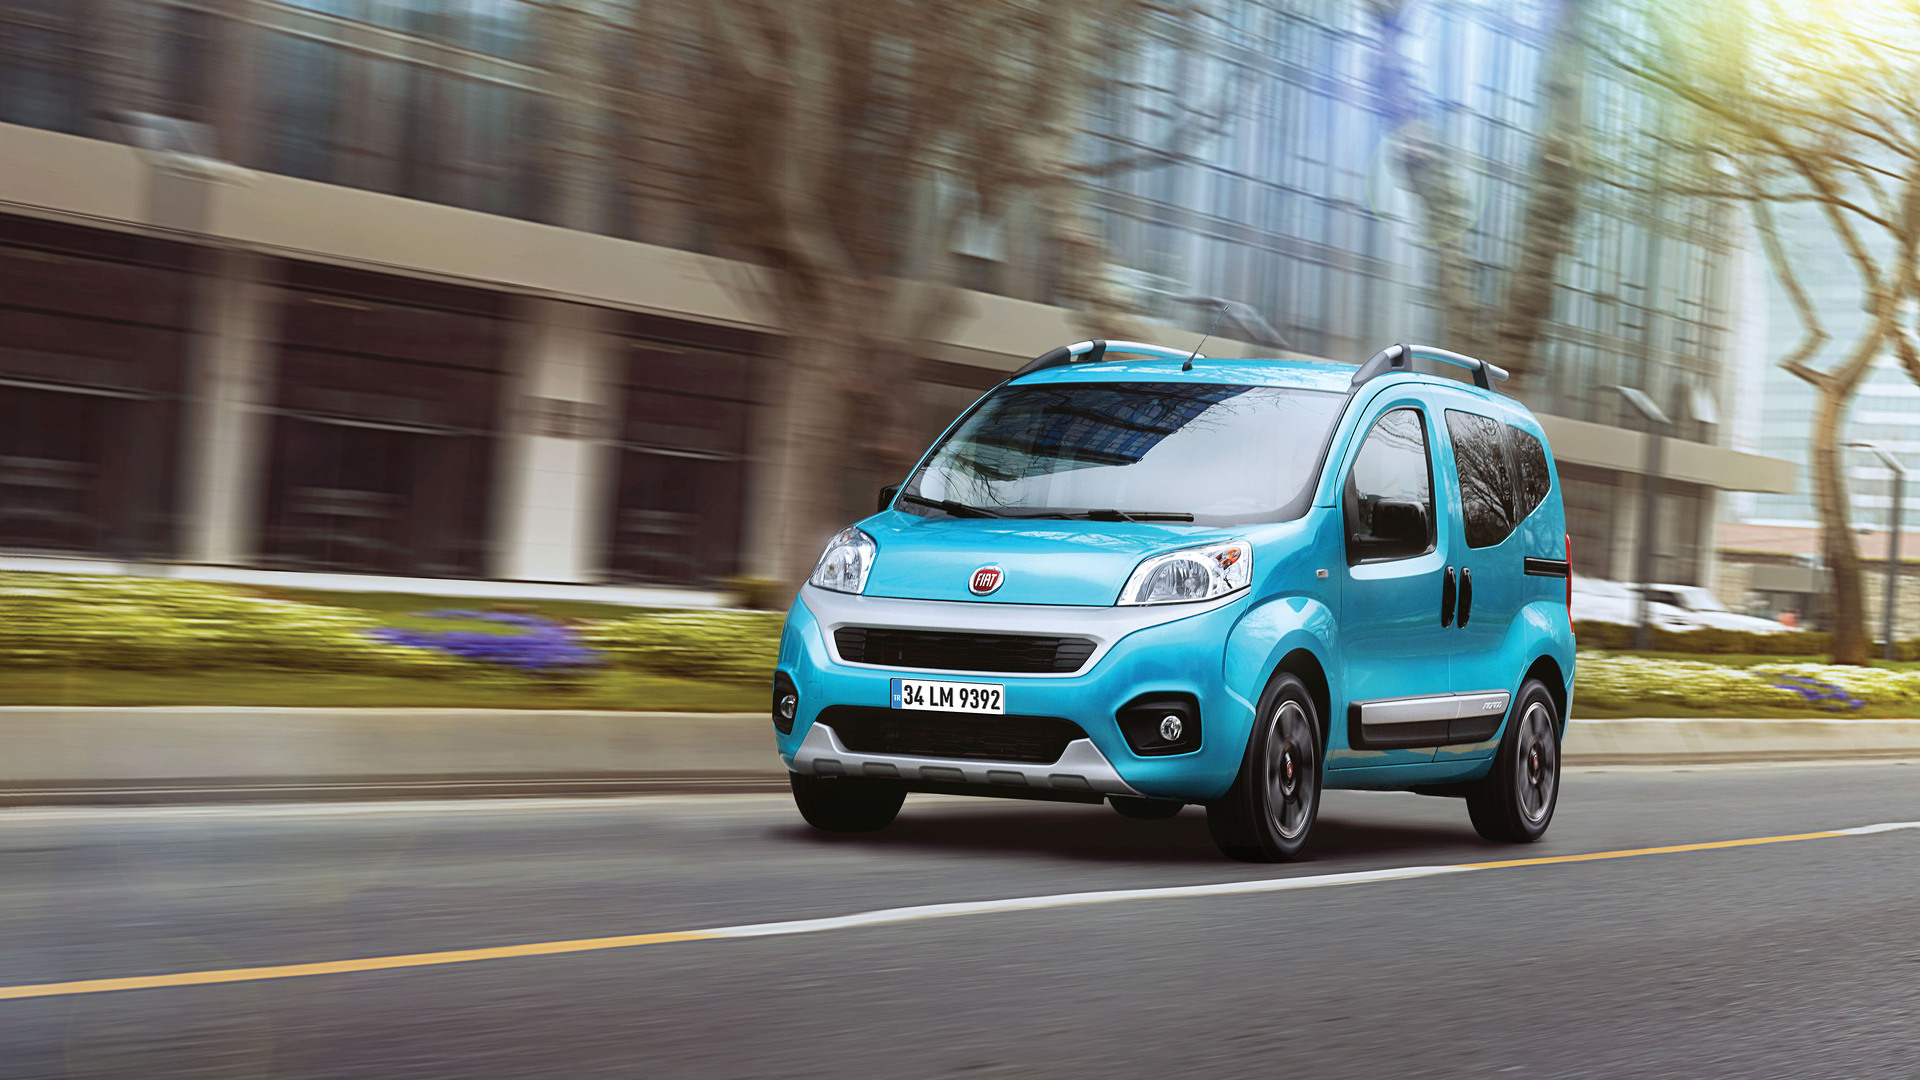 Fiattan Ticari Araçlarda 30000 Tlye 0 Faiz Kampanyası